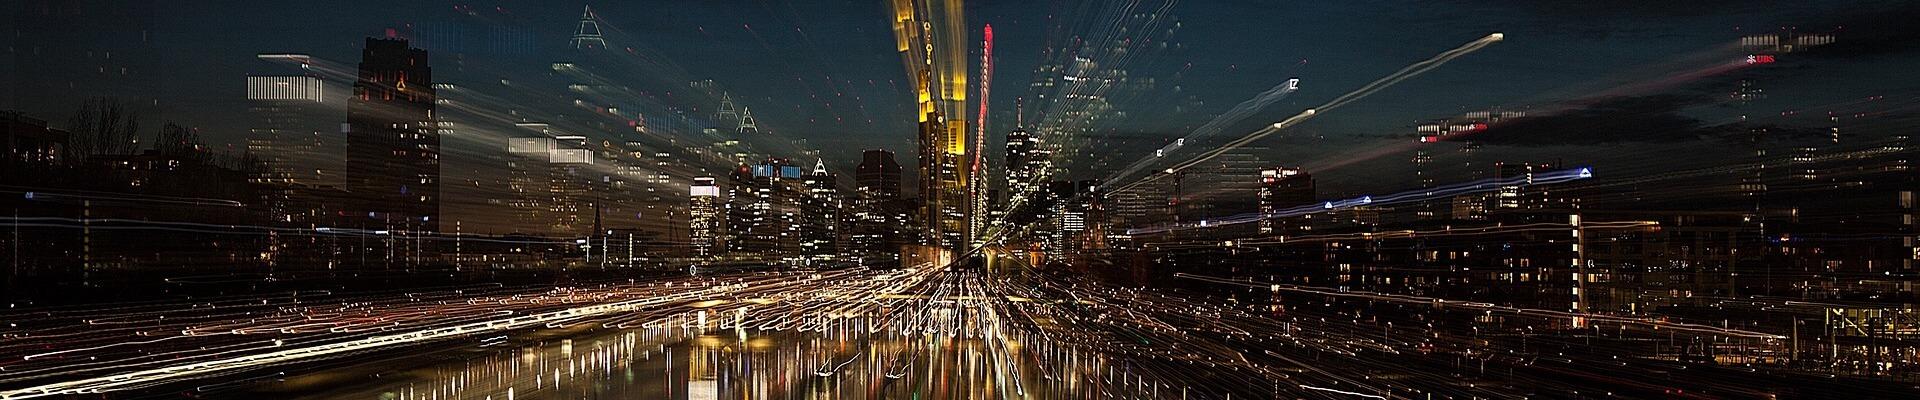 Großstadt bei Nacht